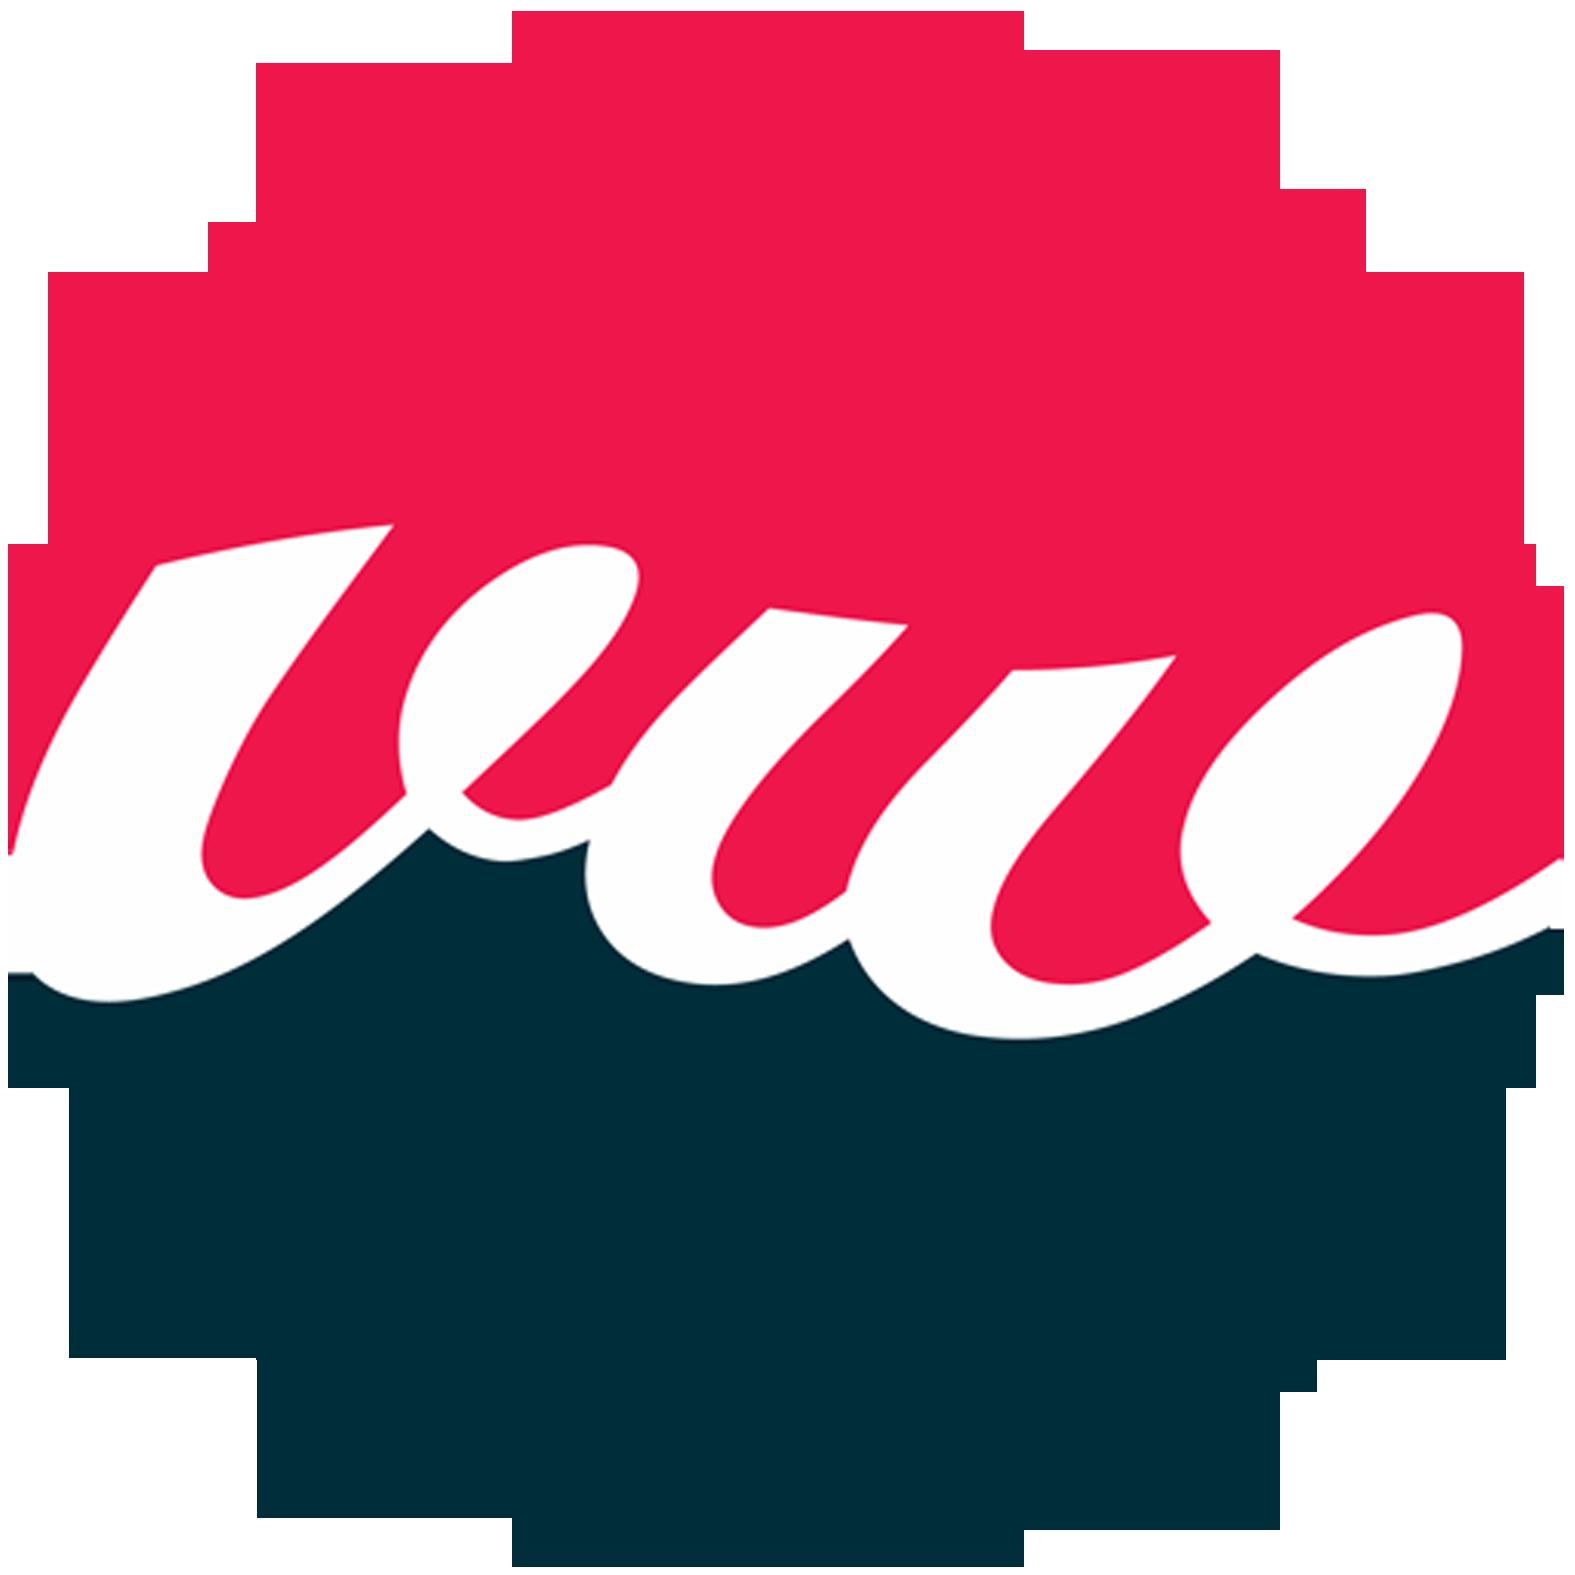 Vast Web India Logo